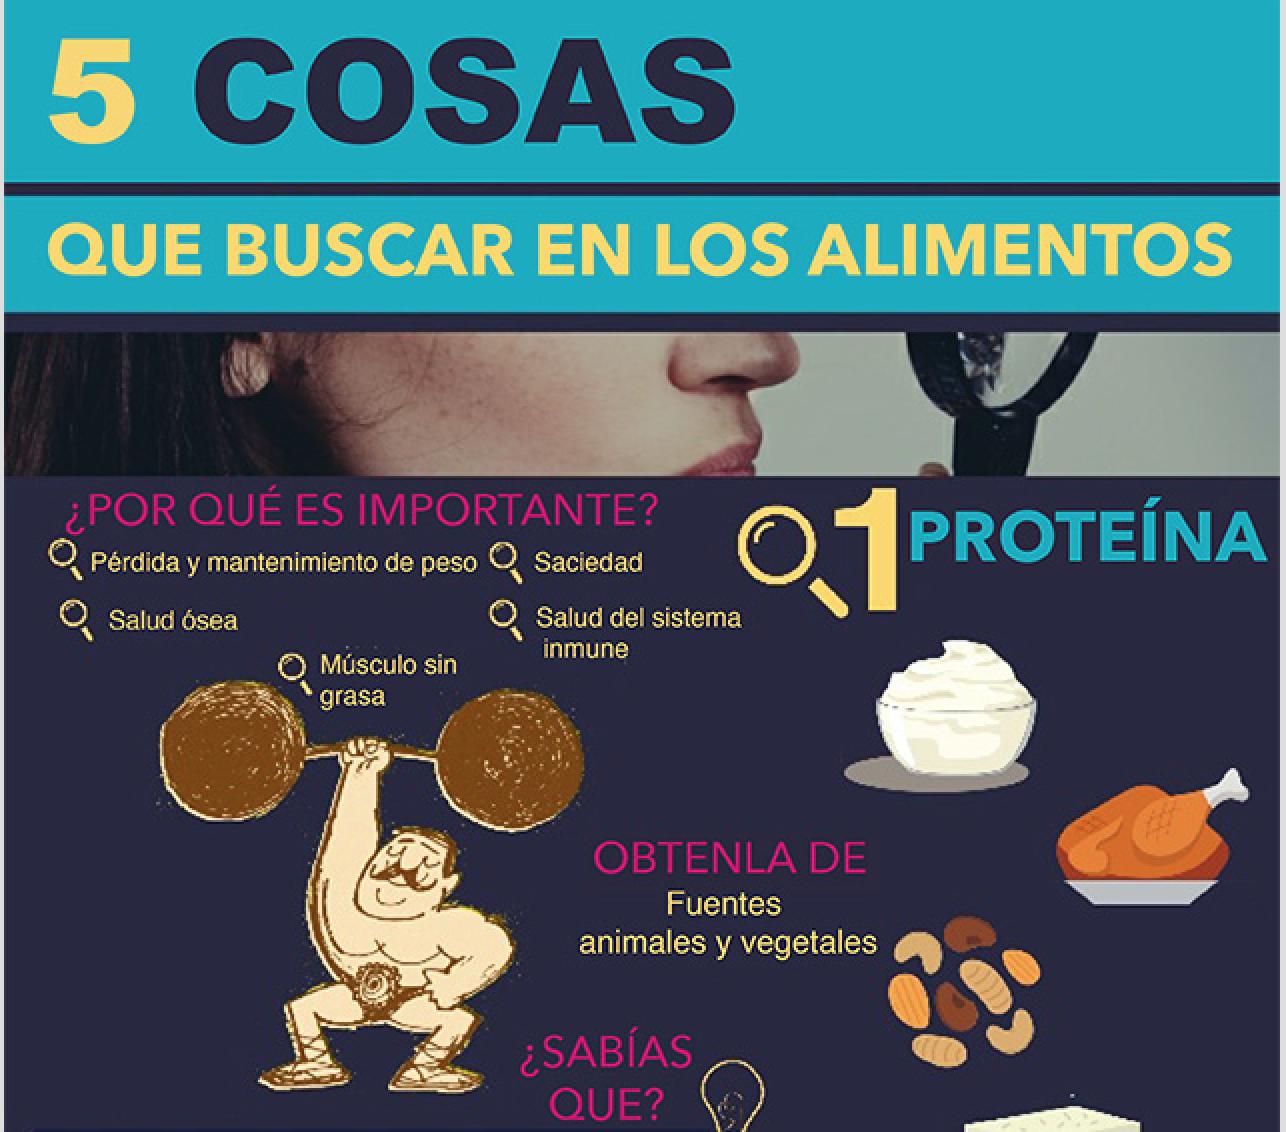 5 Cosas que buscar en los alimentos